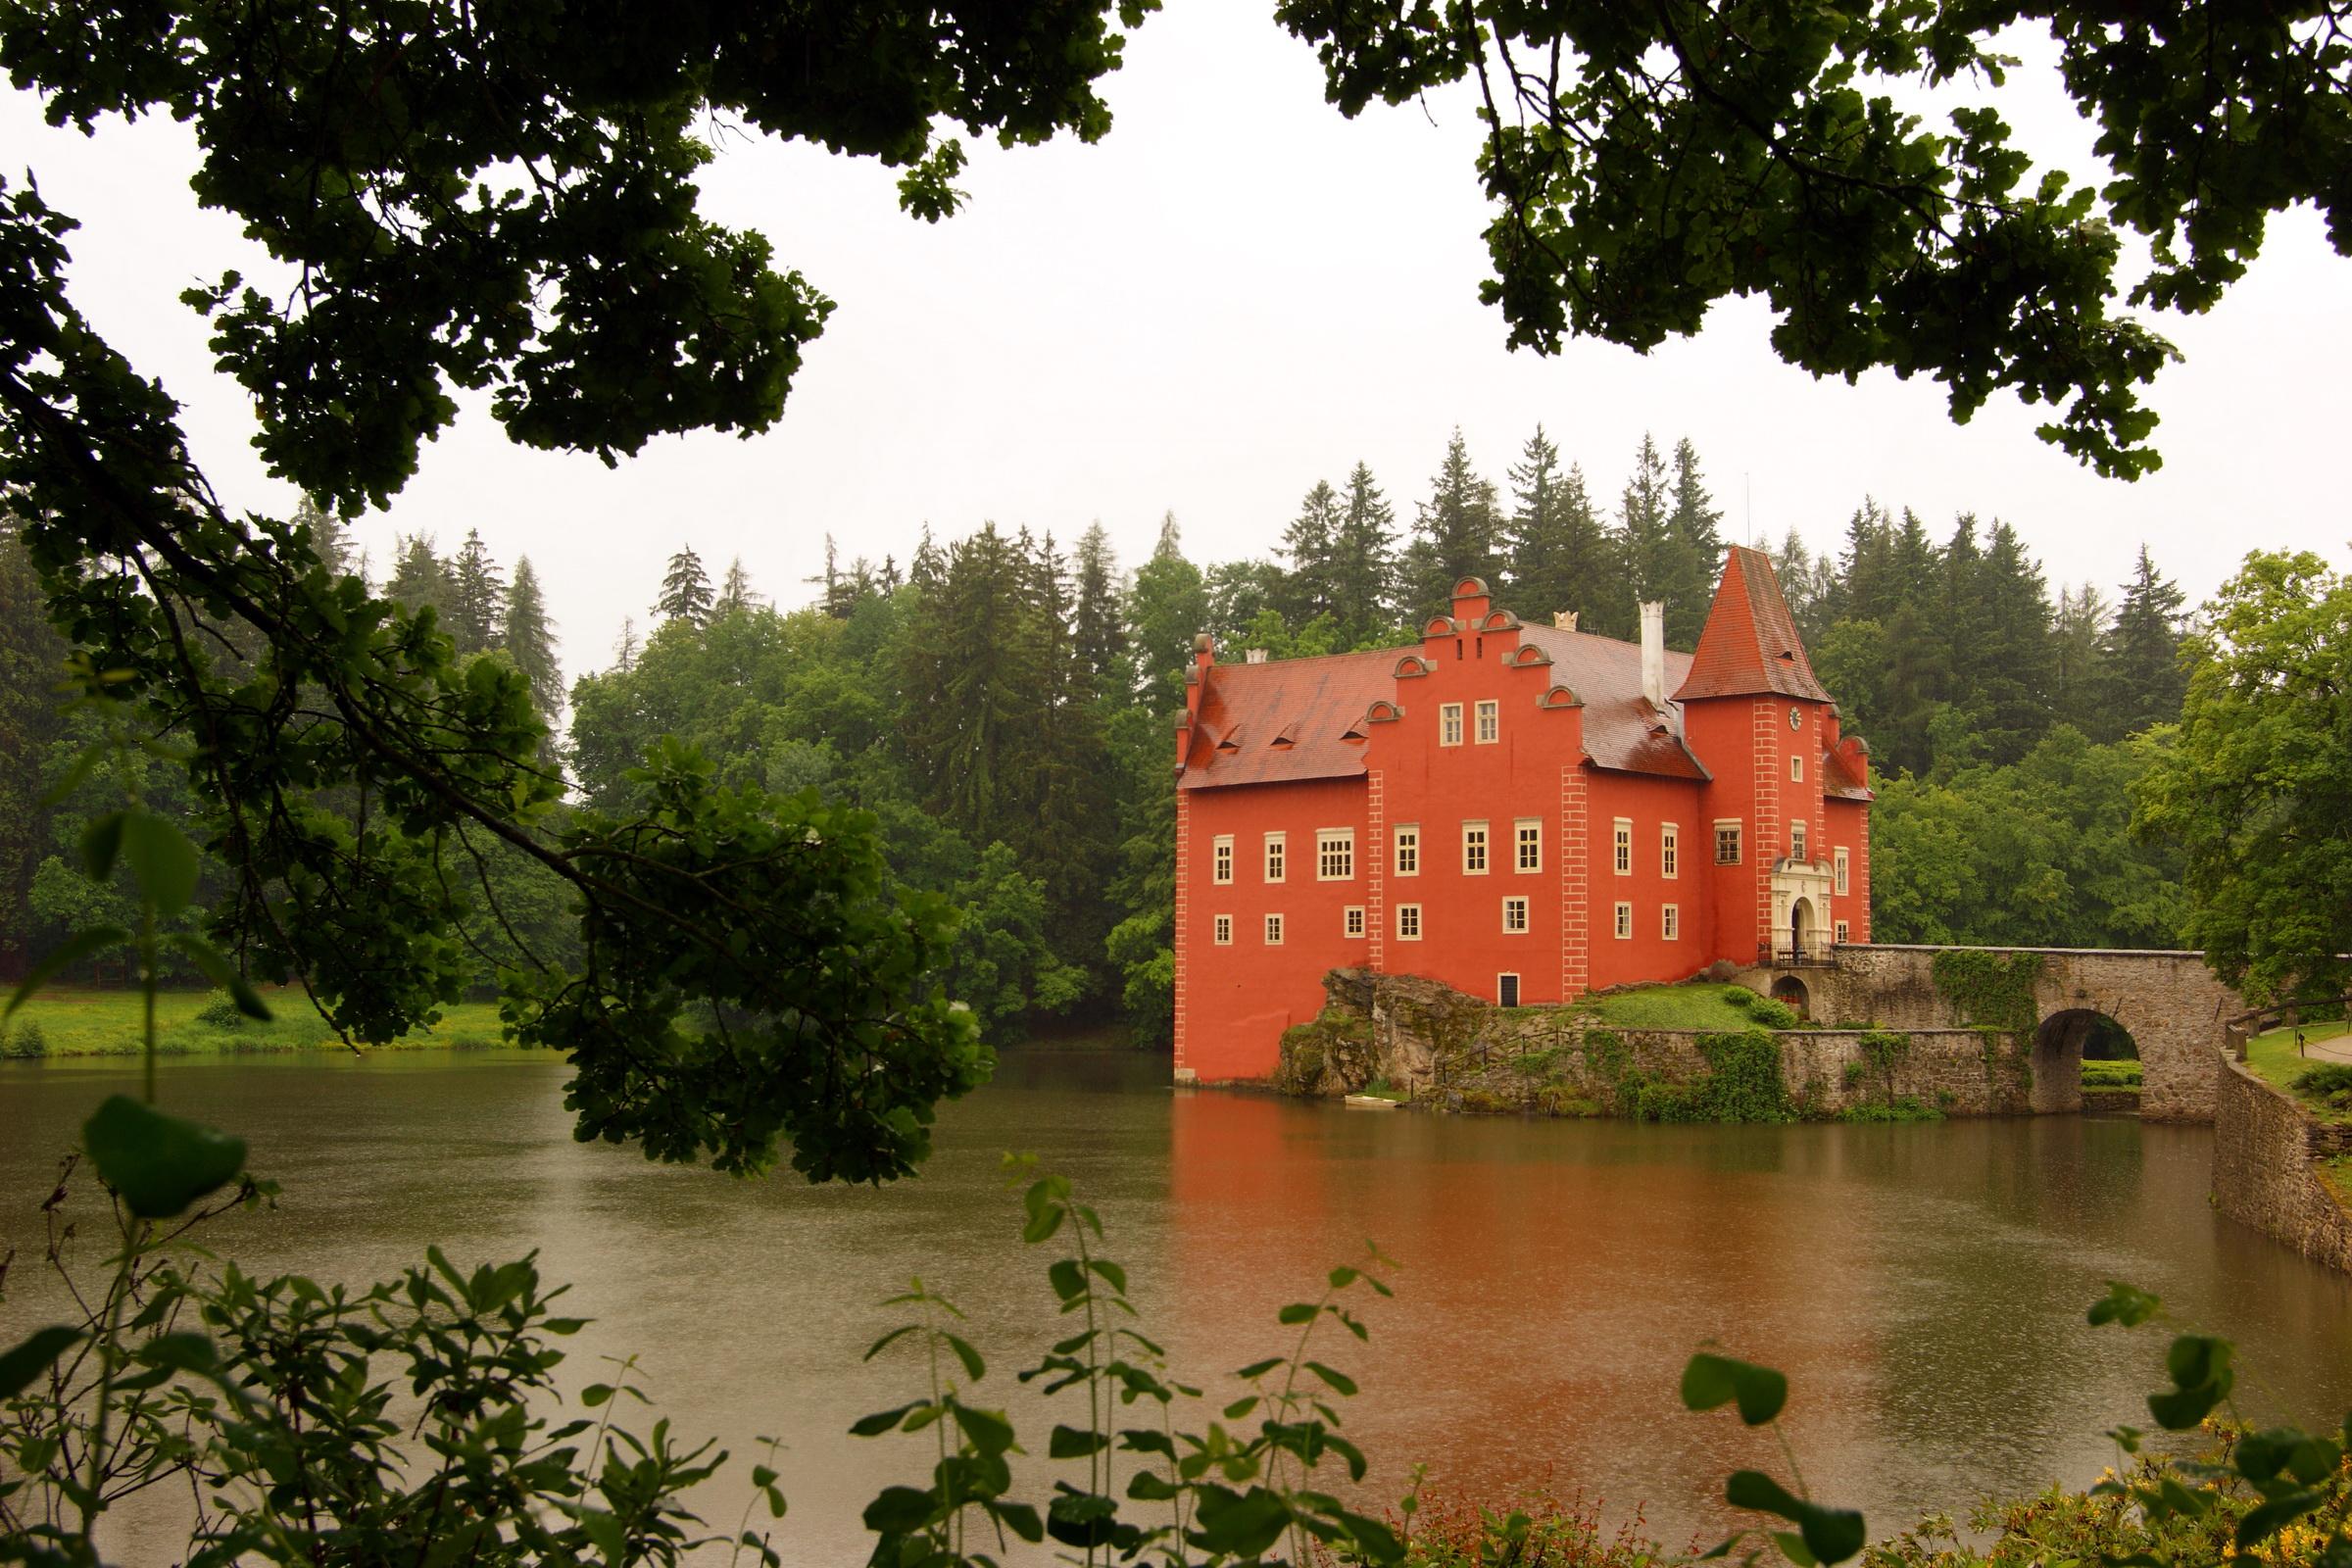 Озерцо возле дома, Англия  № 1486975 загрузить